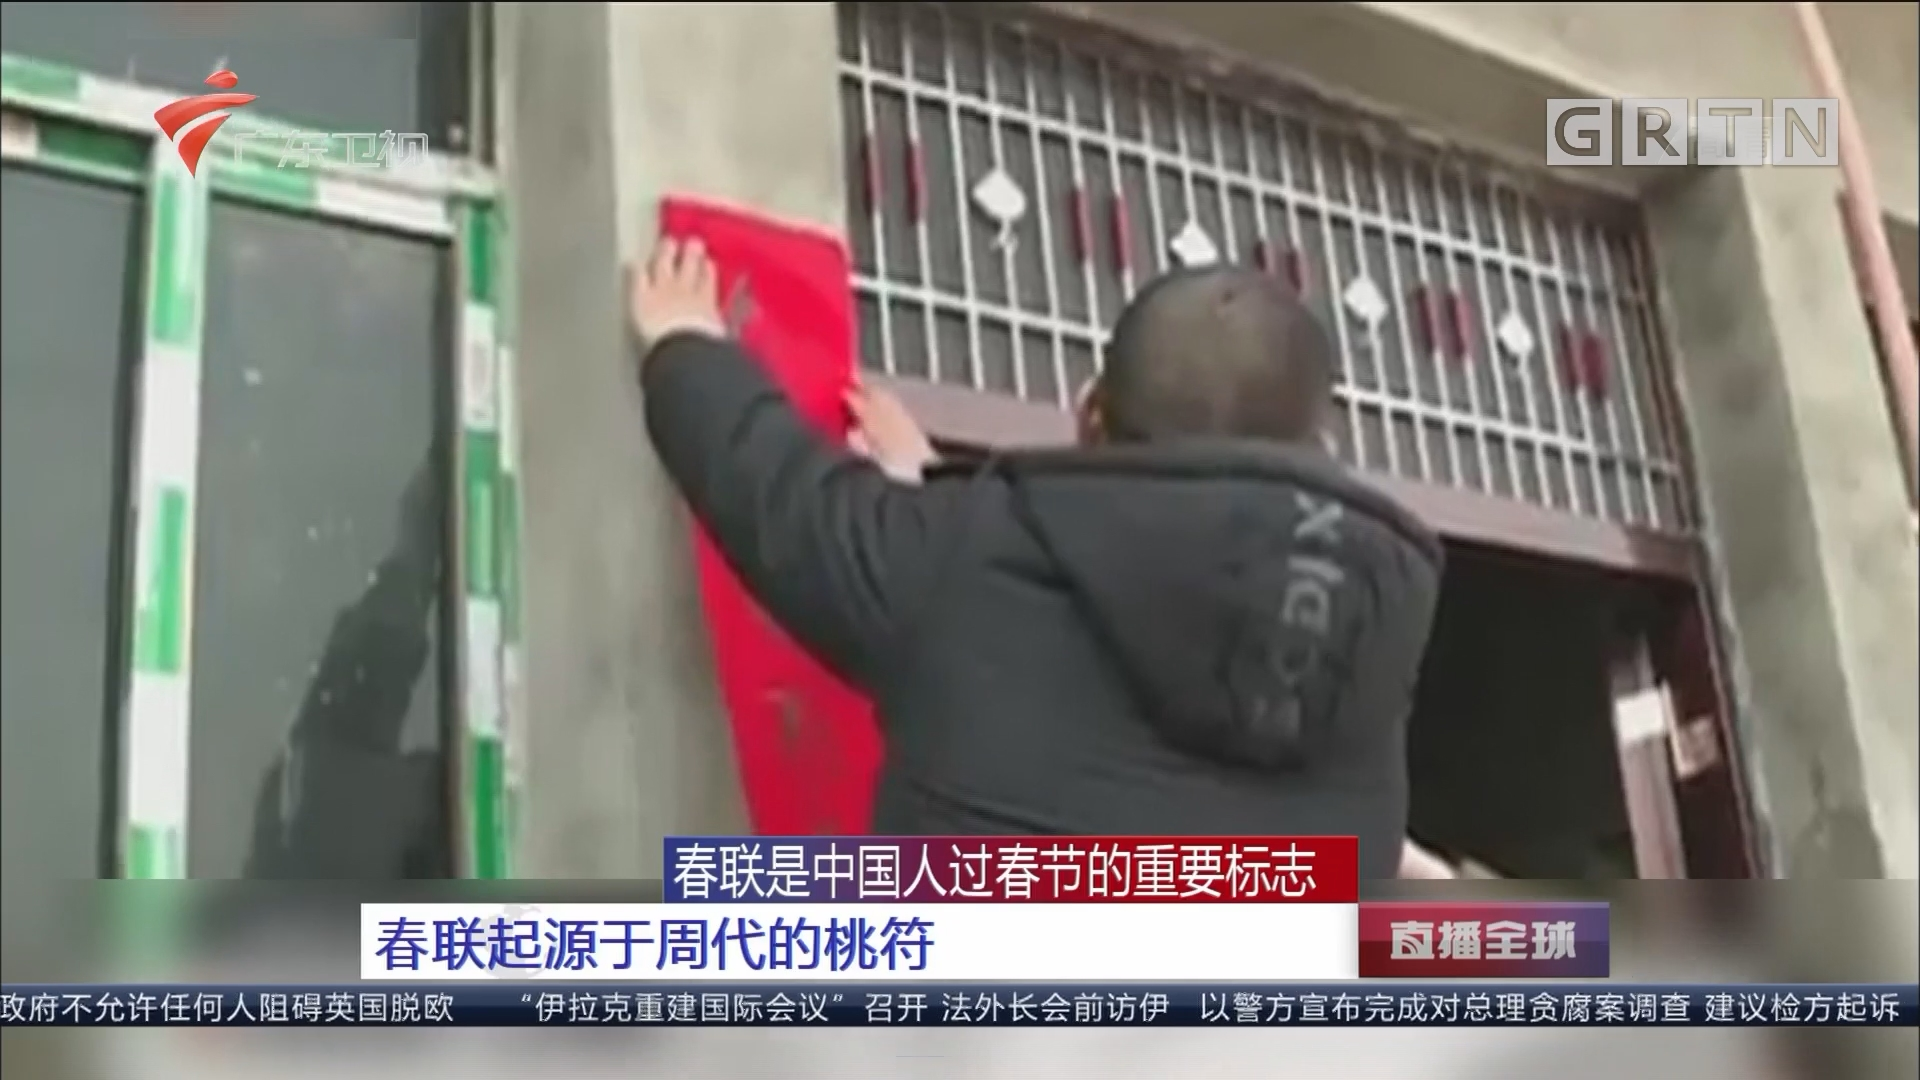 春联是中国人过春节的重要标志 春联起源于周代的桃符